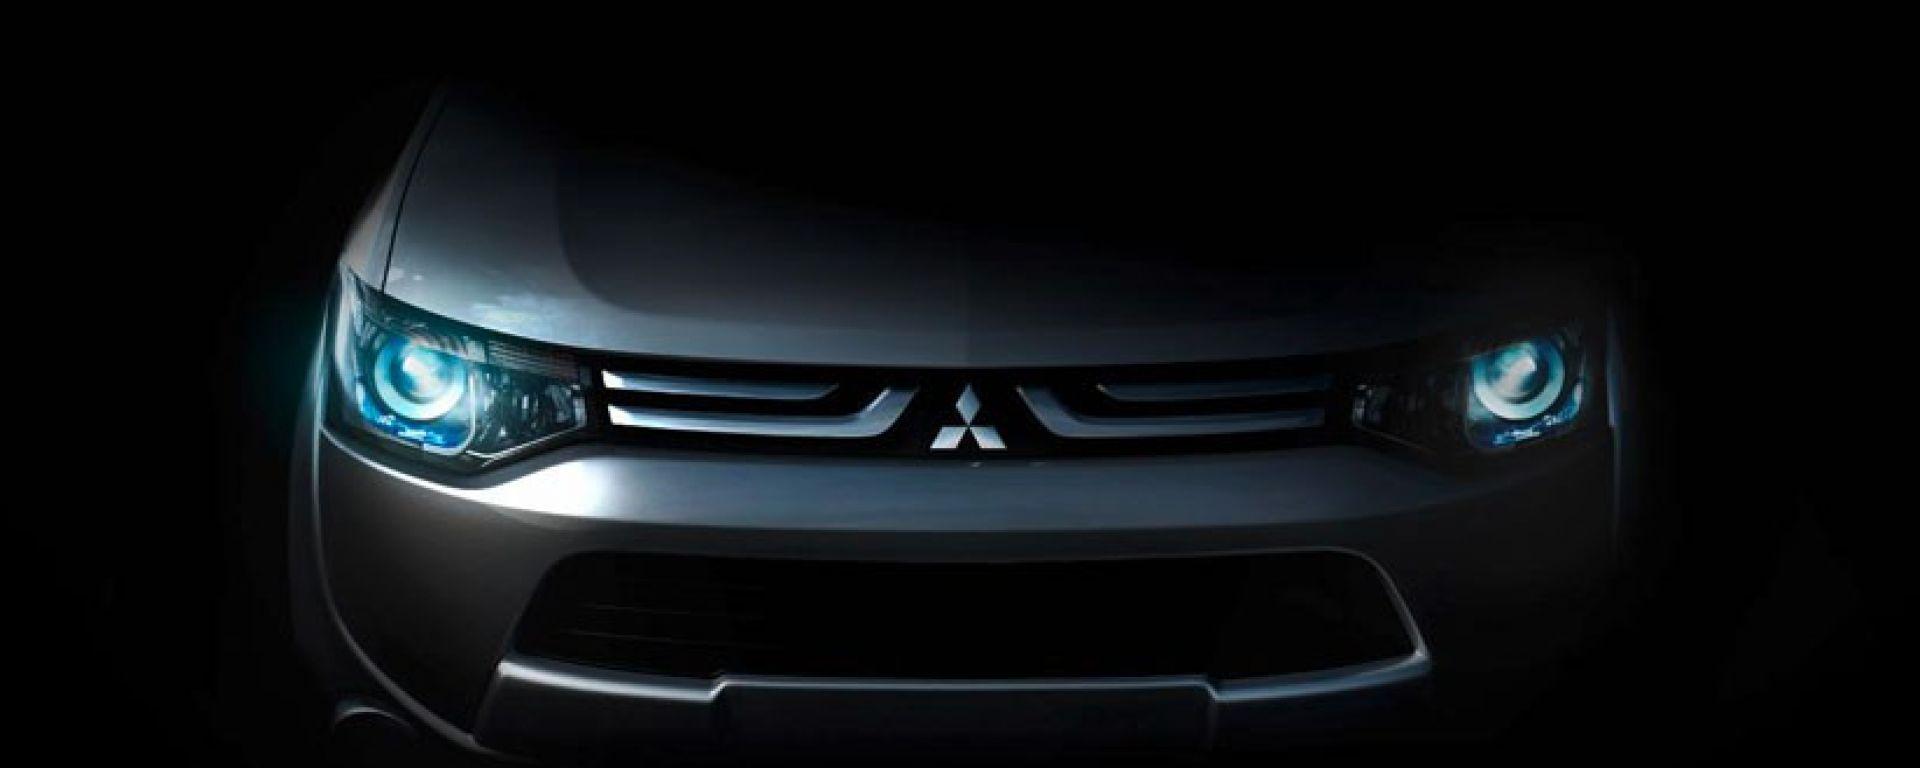 Mitsubishi: una concept al Salone di Ginevra. Sarà la nuova Outlander?